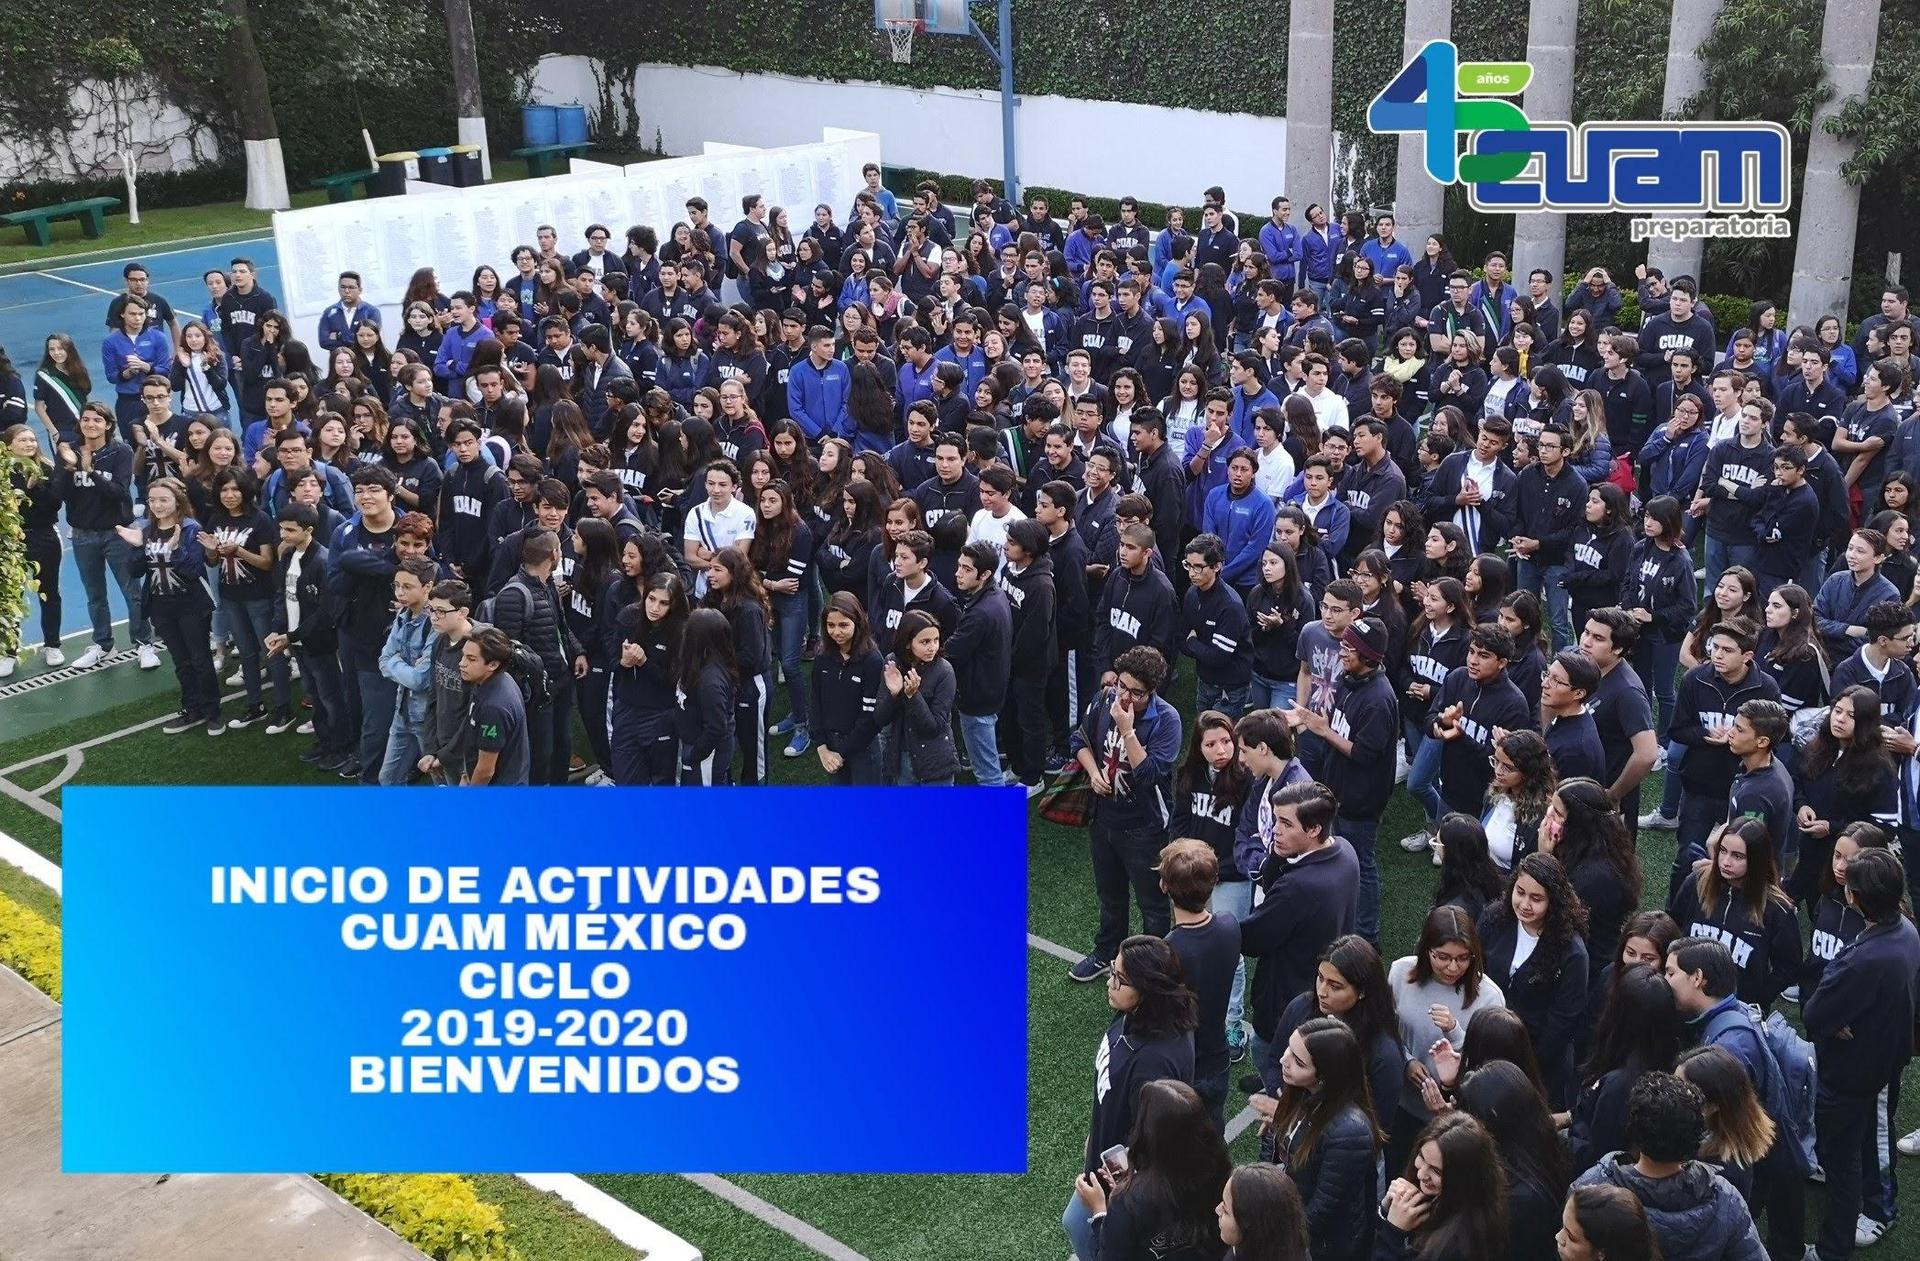 Bienvenida 2019-2020